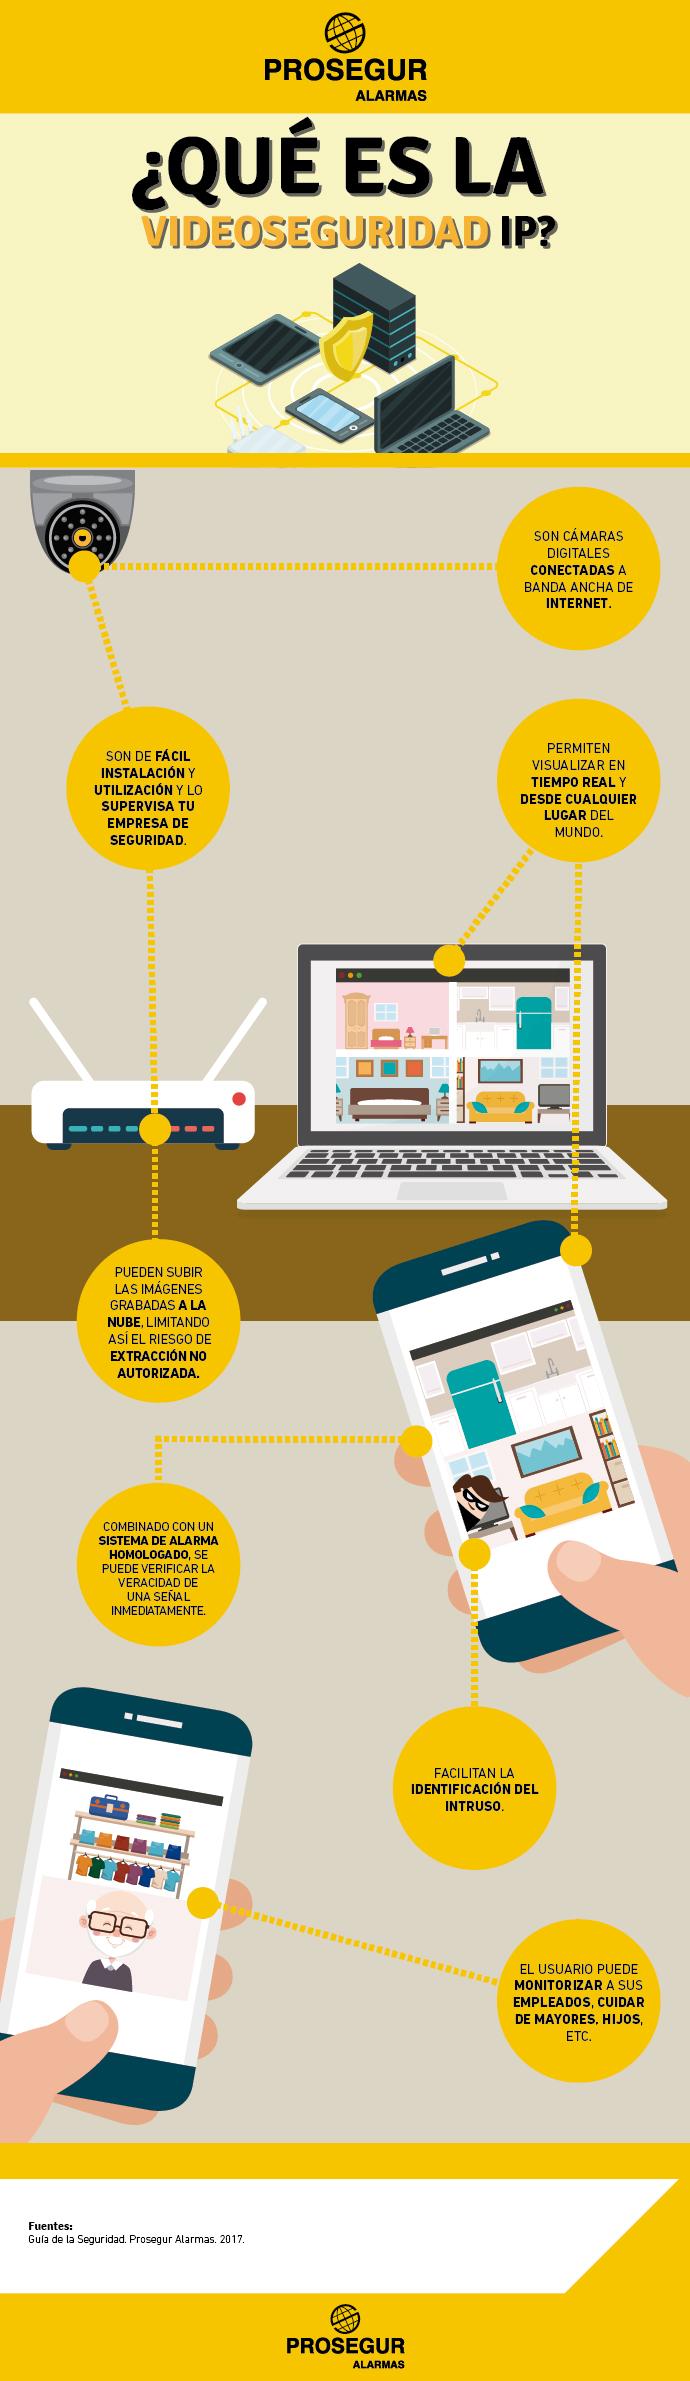 Descubre todo sobre la videoseguridad IP en esta infografía. Blog Prosegur.